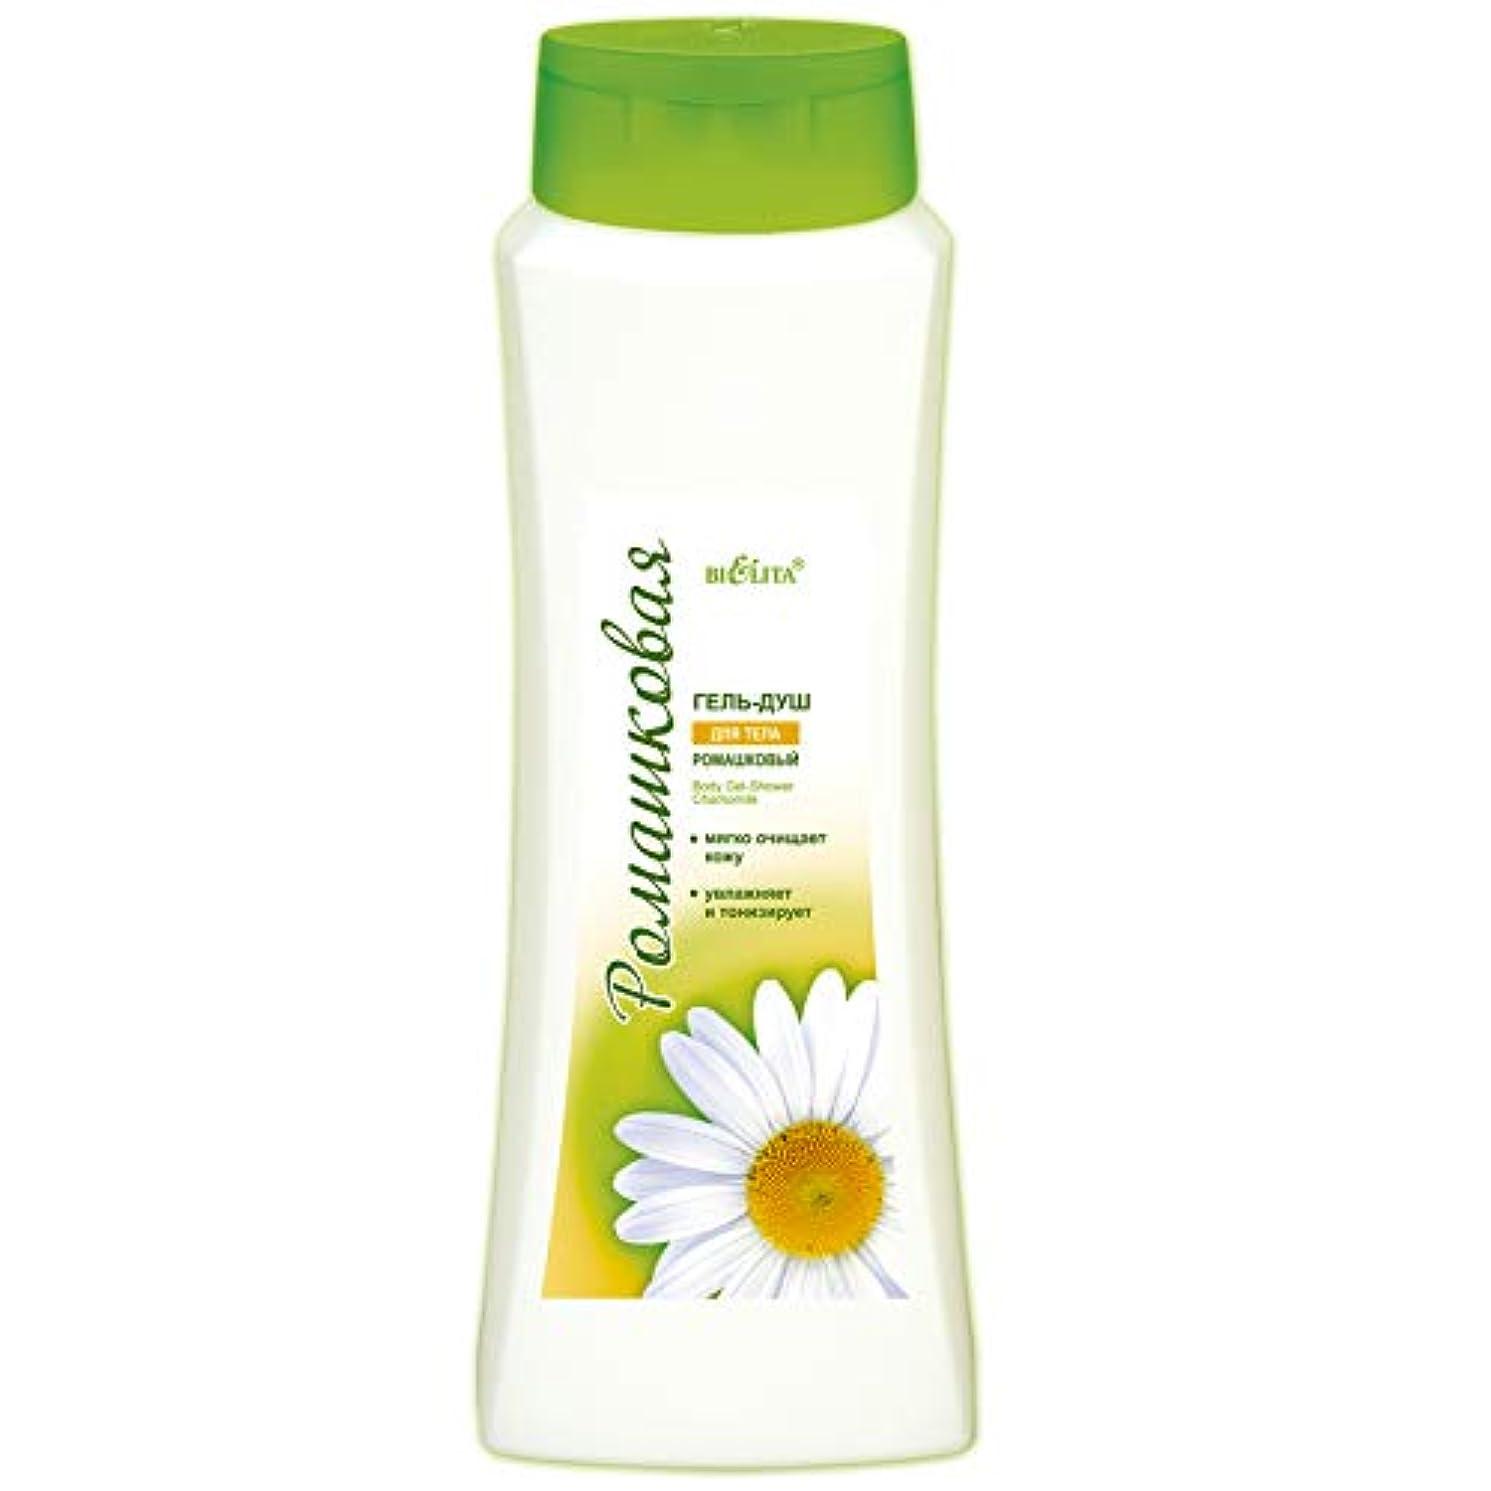 プロフィールミネラル同級生Bielita & Vitex | Chamomile Line | Shower Gel for Body Wash & Care | All Natural: Allantoin, Chamomile Extracts...